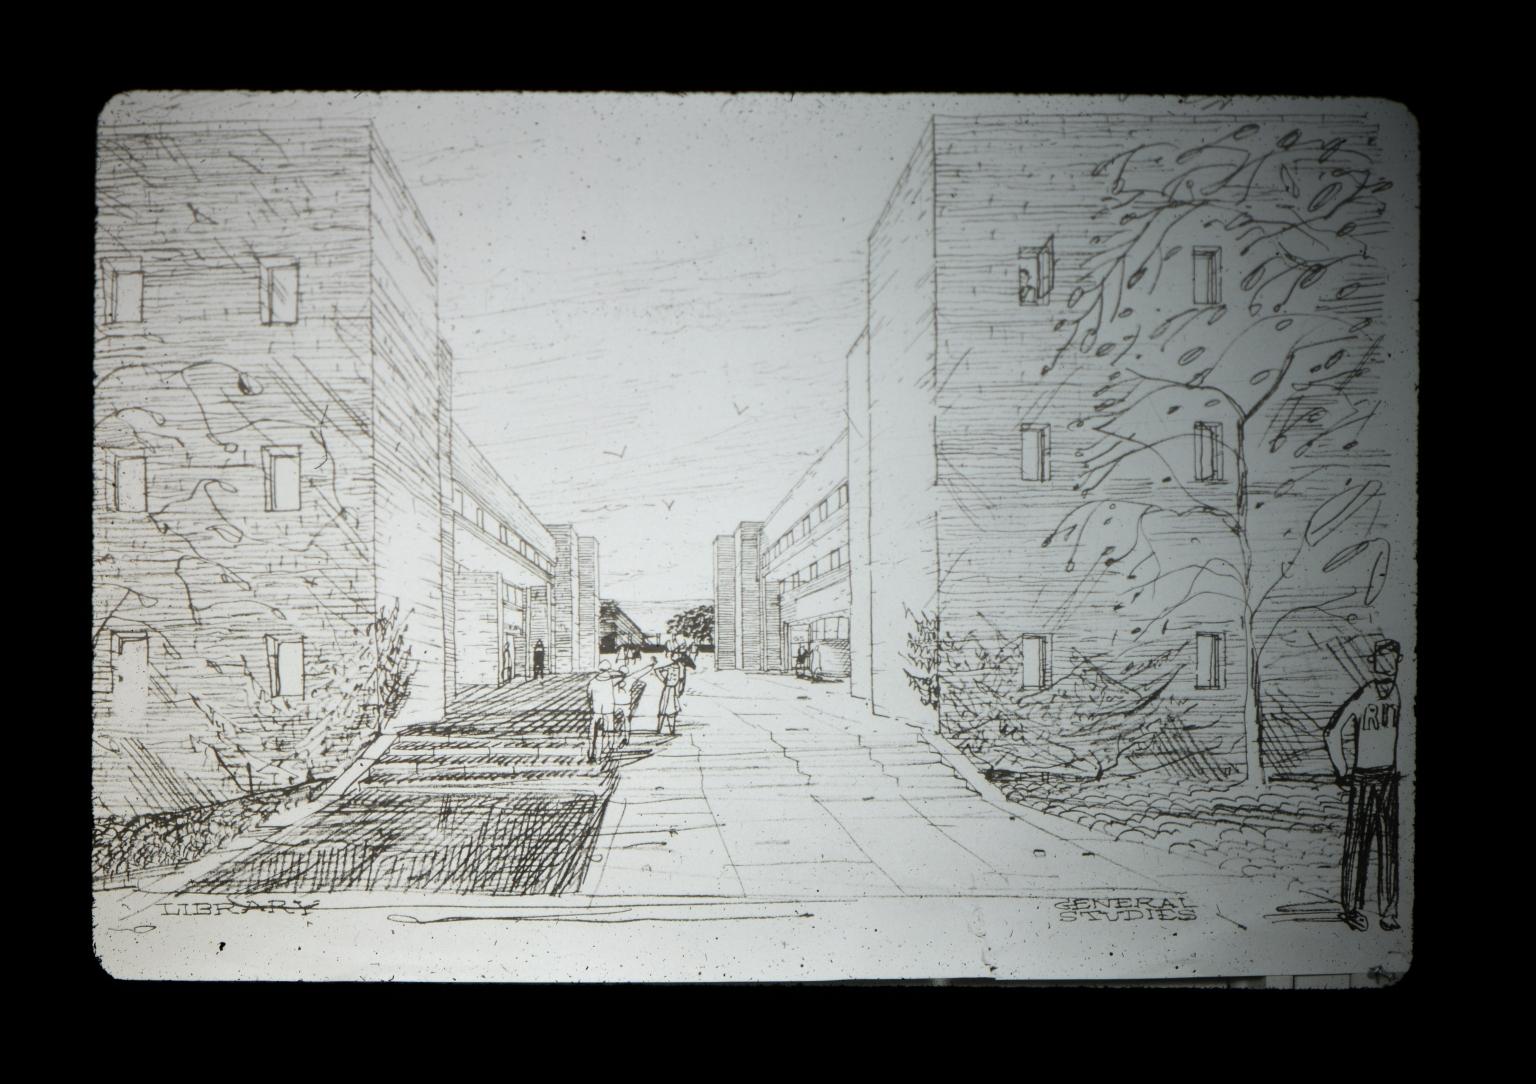 Concept sketch of campus buildings